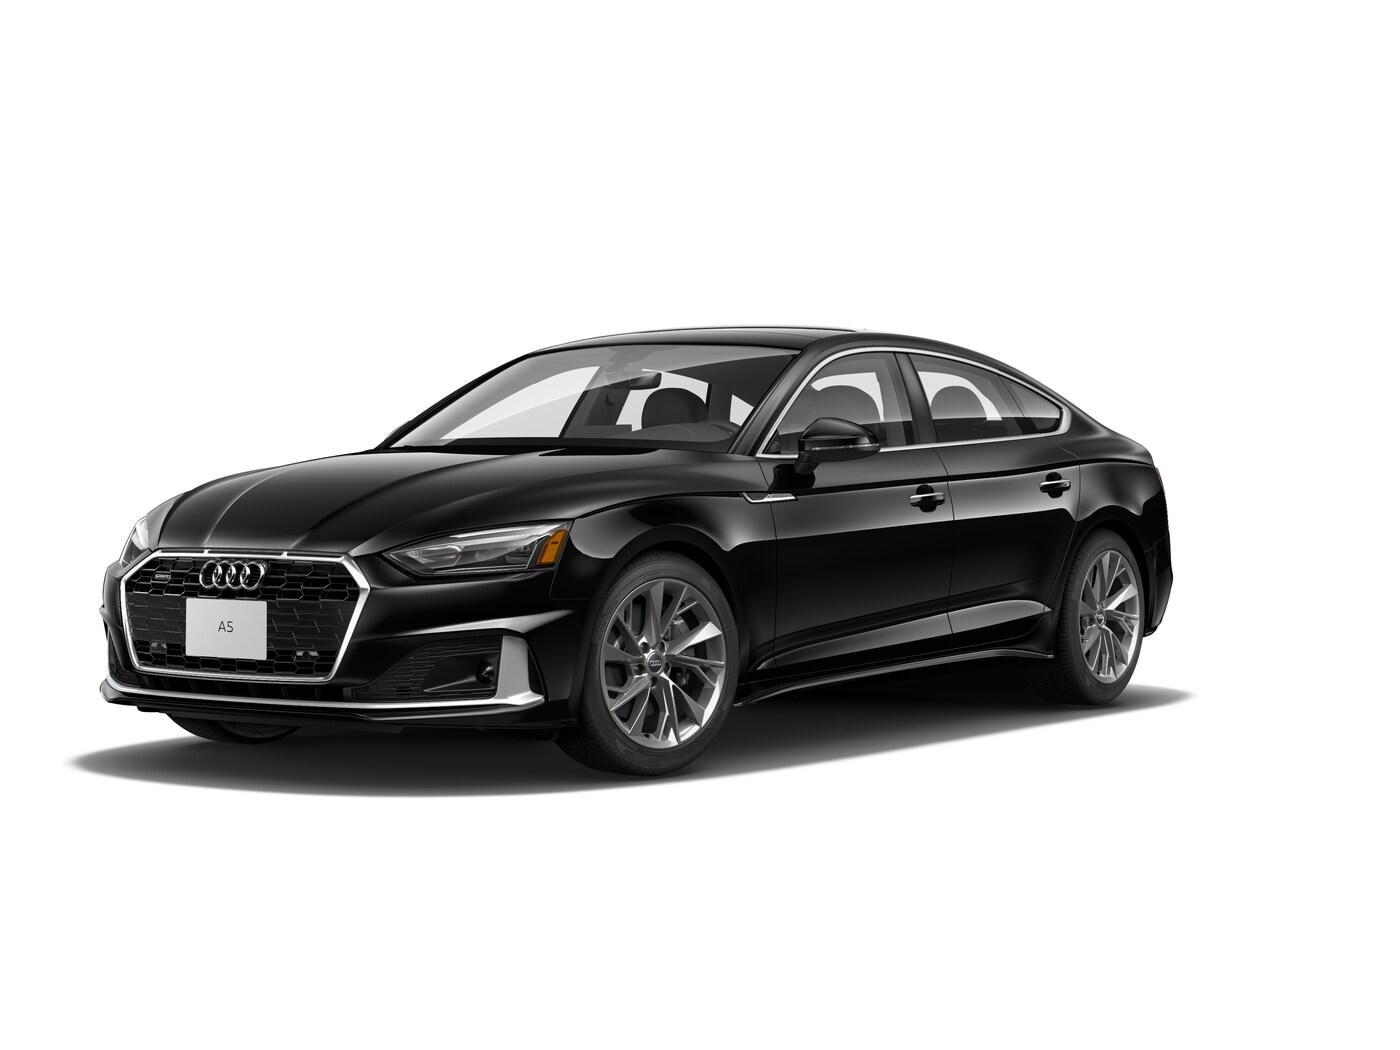 New 2020 Audi A5 Sportback Premium For Sale Mendham Nj Vin Wauancf59la021466